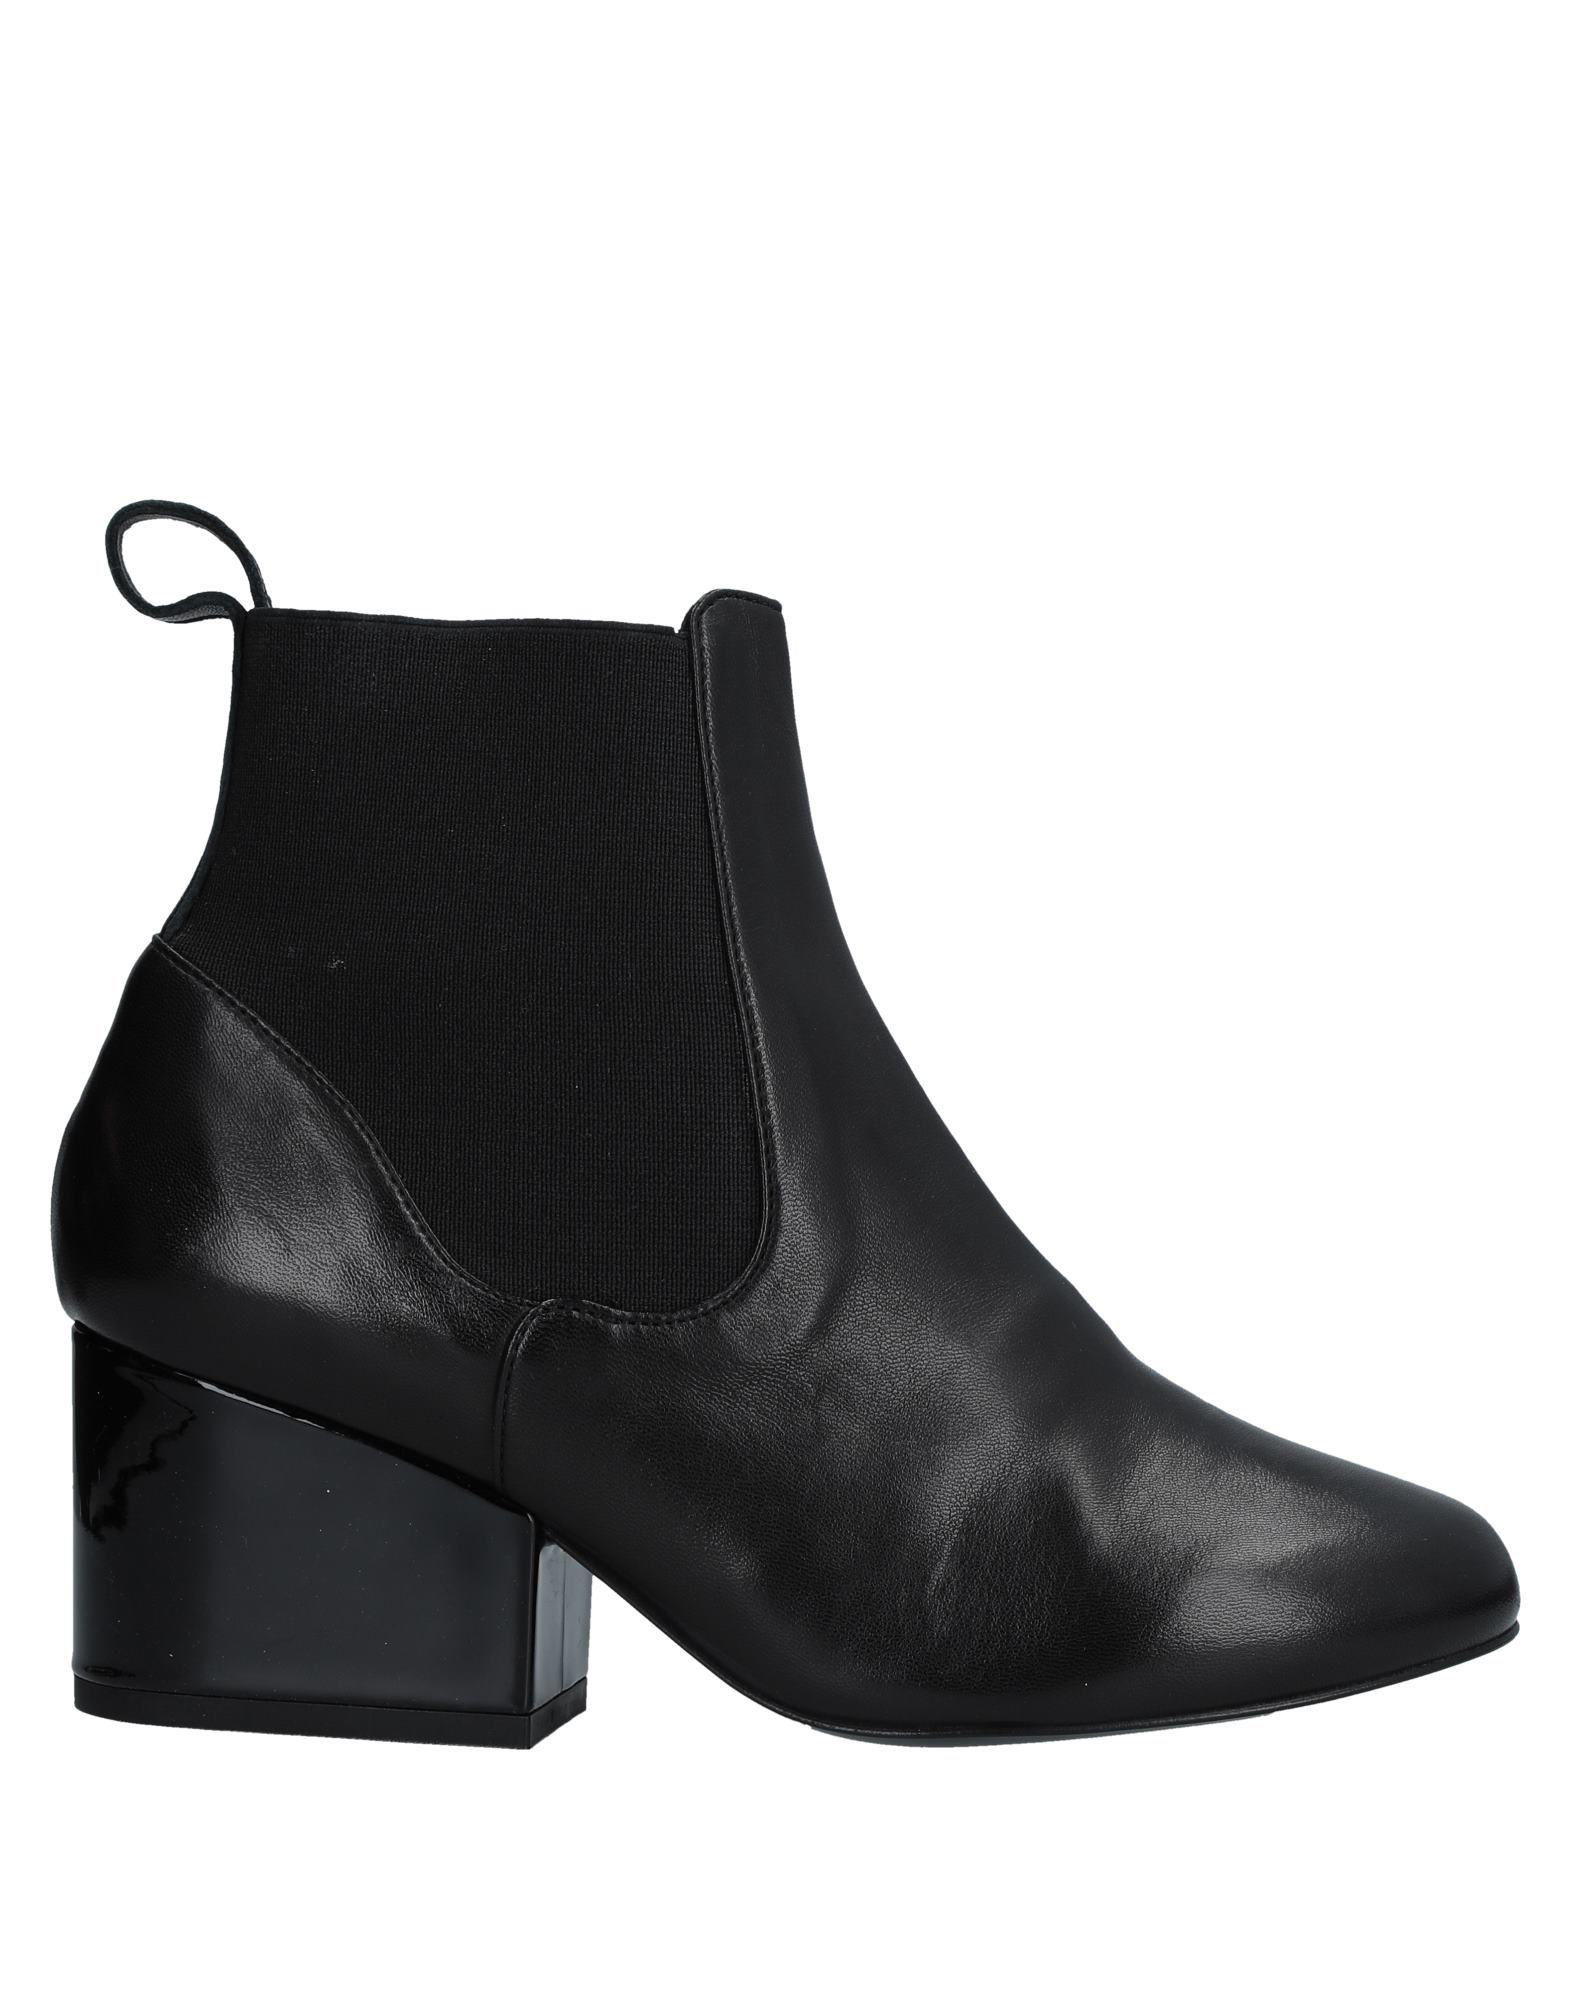 Robert Clergerie Chelsea Boots Damen Schuhe  11537212CDGünstige gut aussehende Schuhe Damen 3a7a92